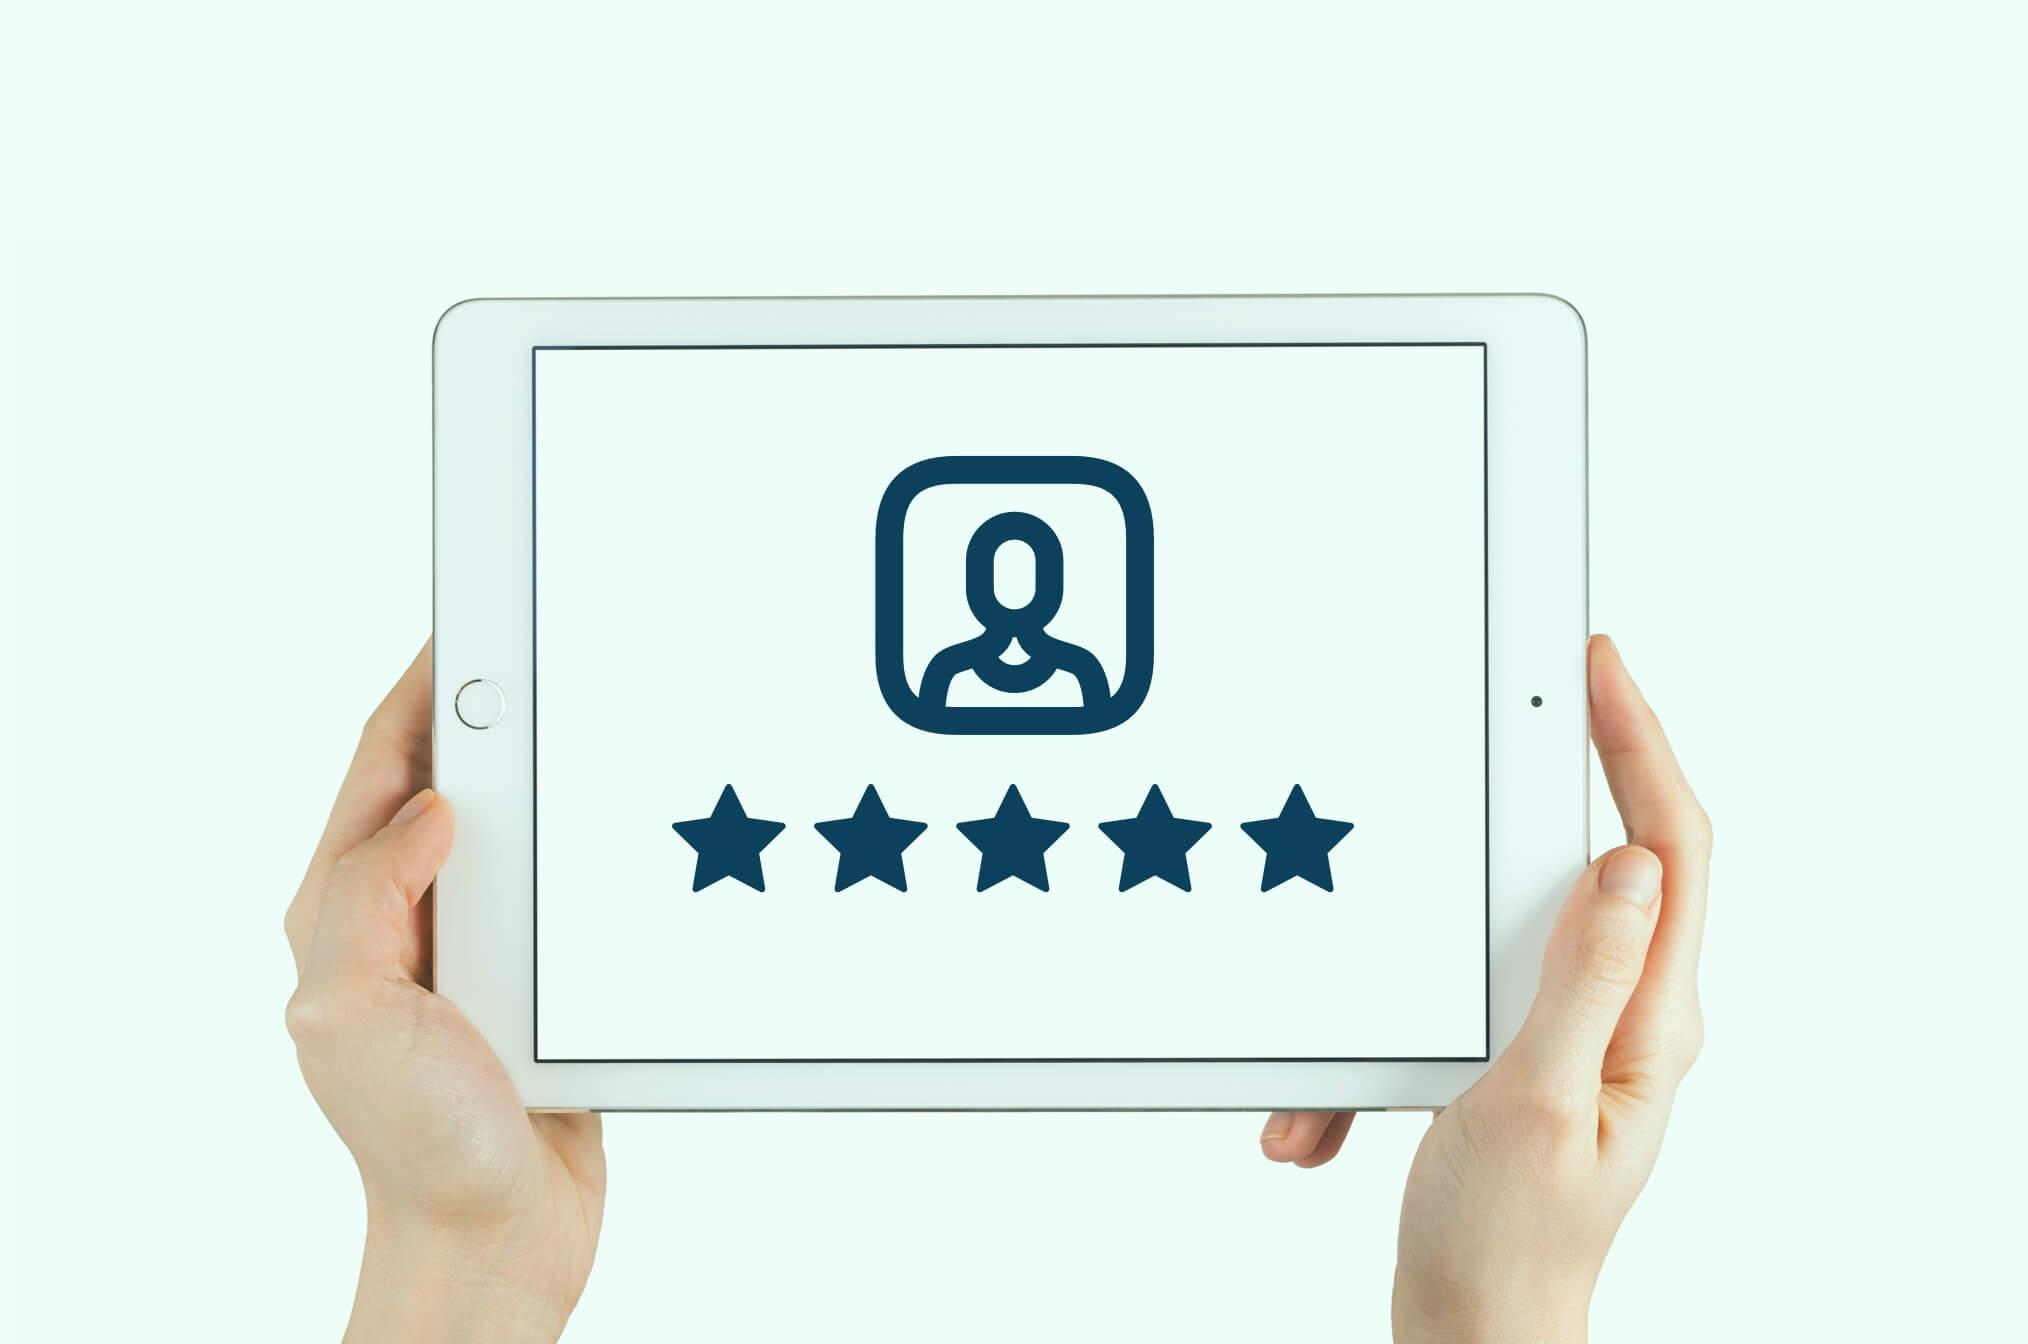 Linxo est disponible pour ses utilisateurs en cas de problème. Présence sur les réseaux sociaux mais aussi un support réactif